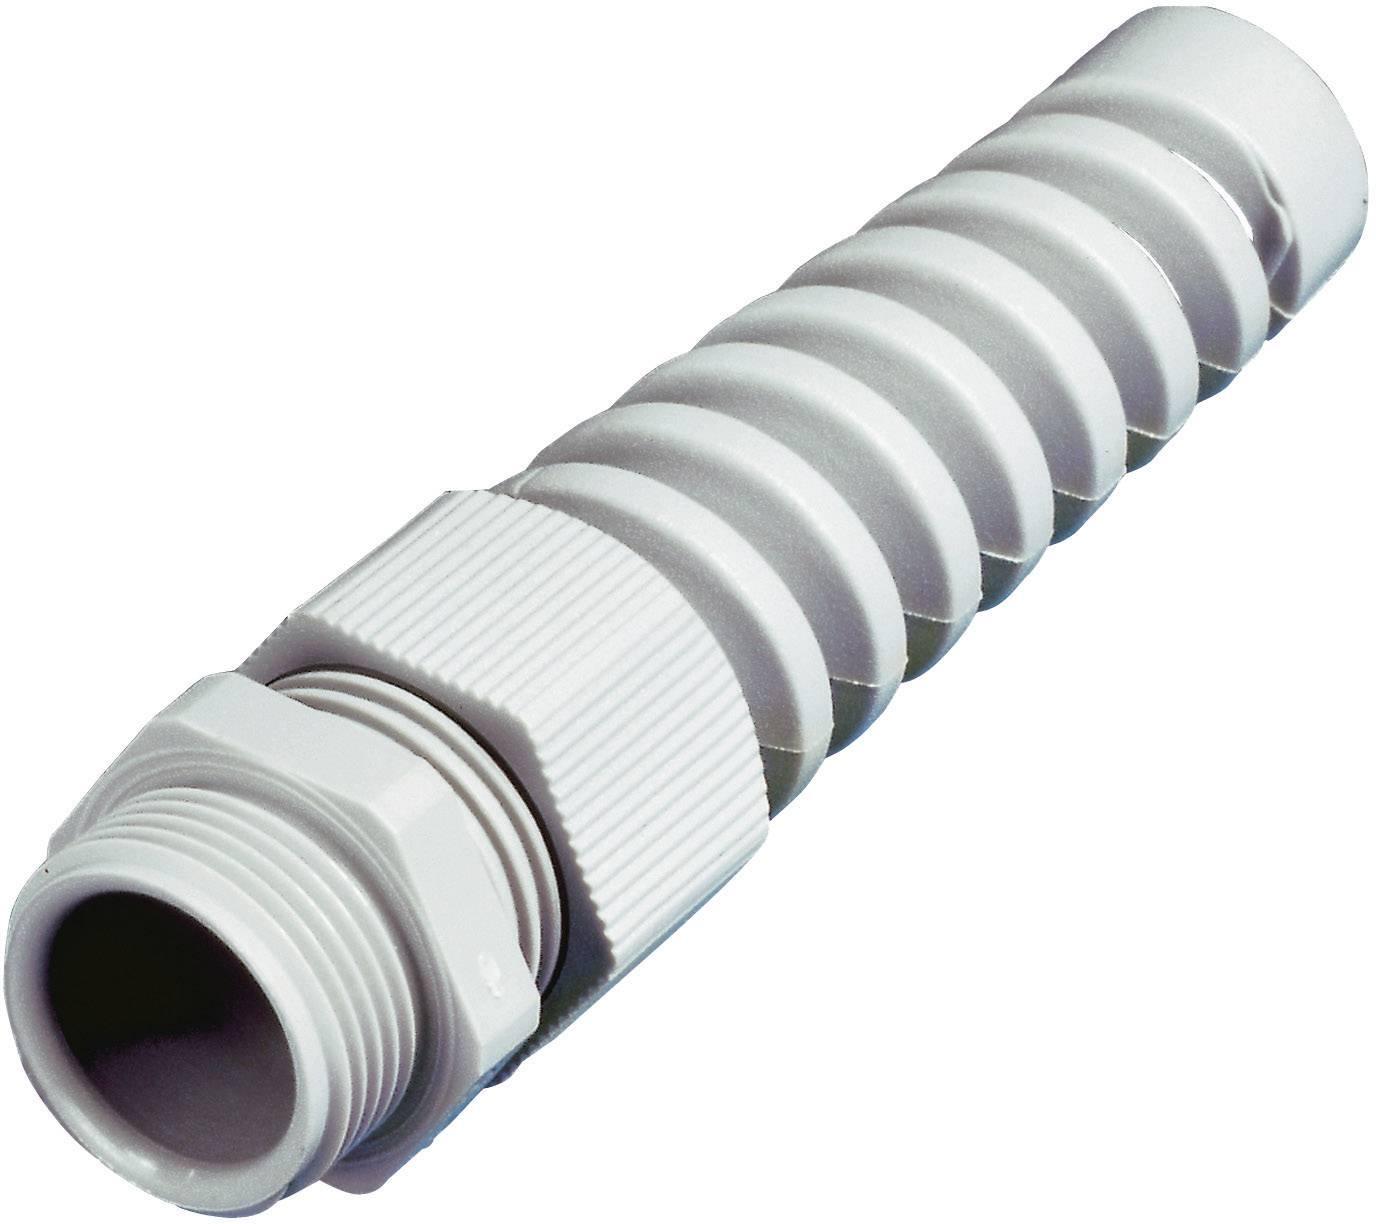 Káblová priechodka Wiska ESKVS M20 RAL 7035, polyamid, svetlo sivá, 1 ks